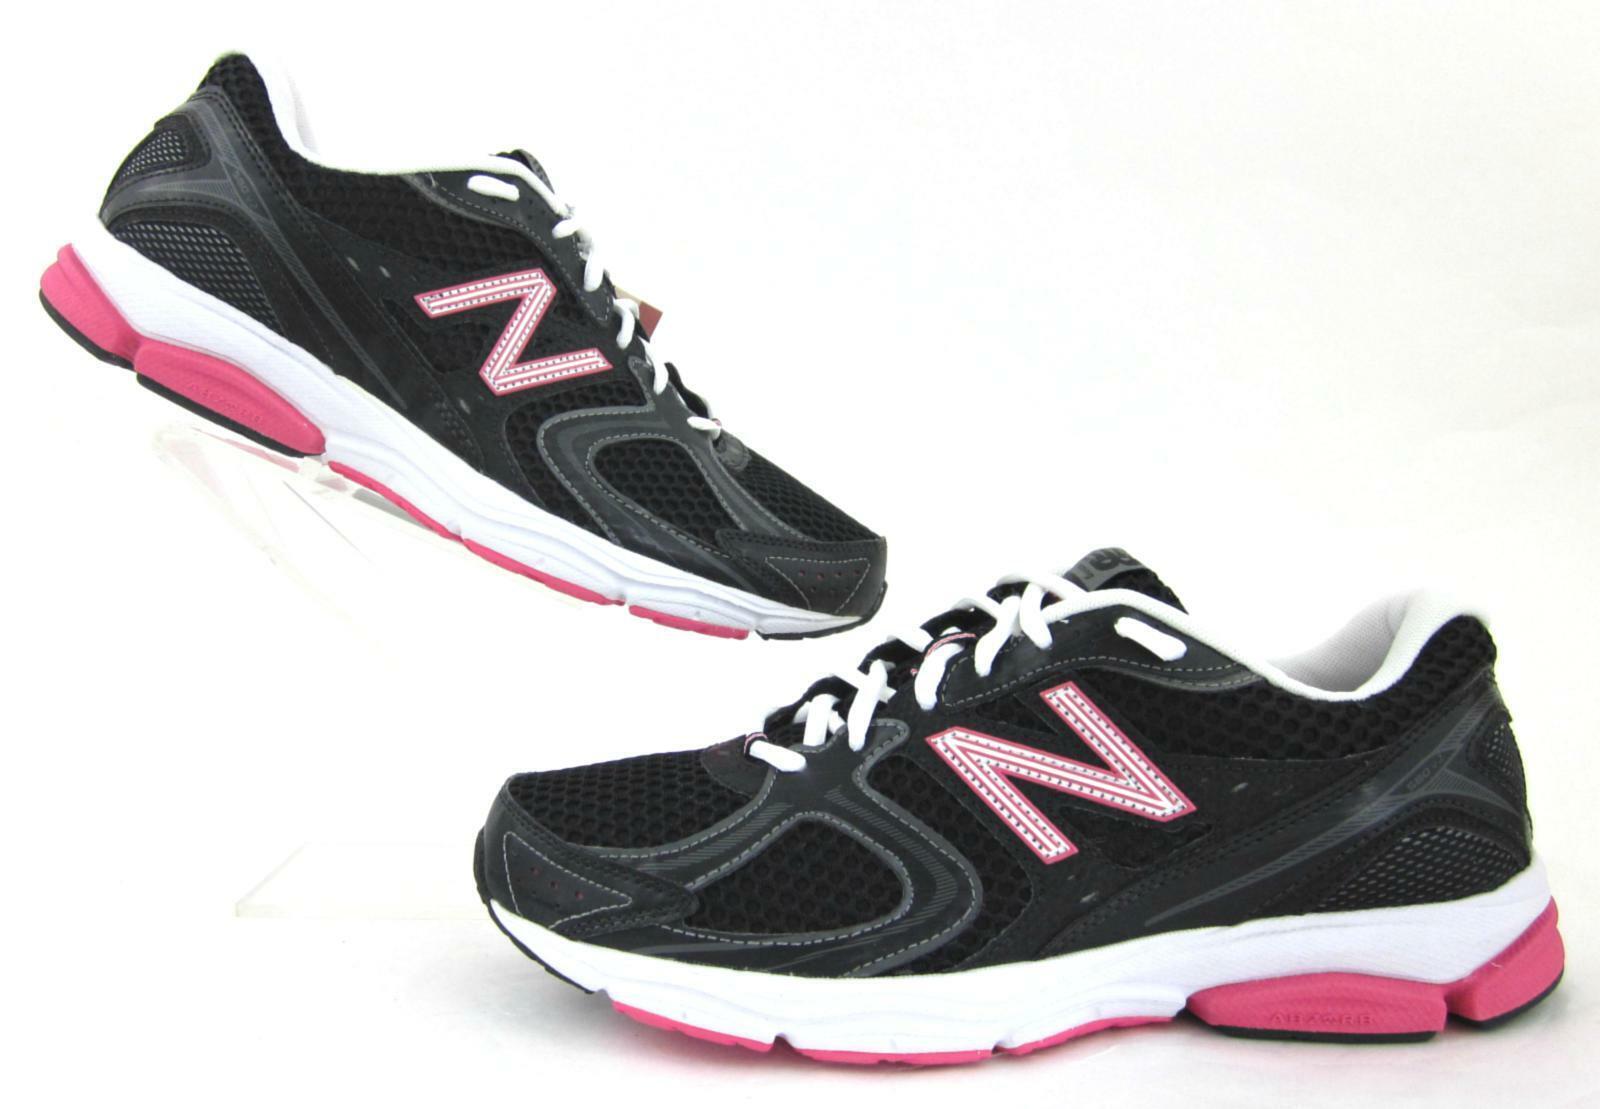 NEUF   New Balance Femme 580v2 Chaussures De Course Noir Rose-Largeur 11D